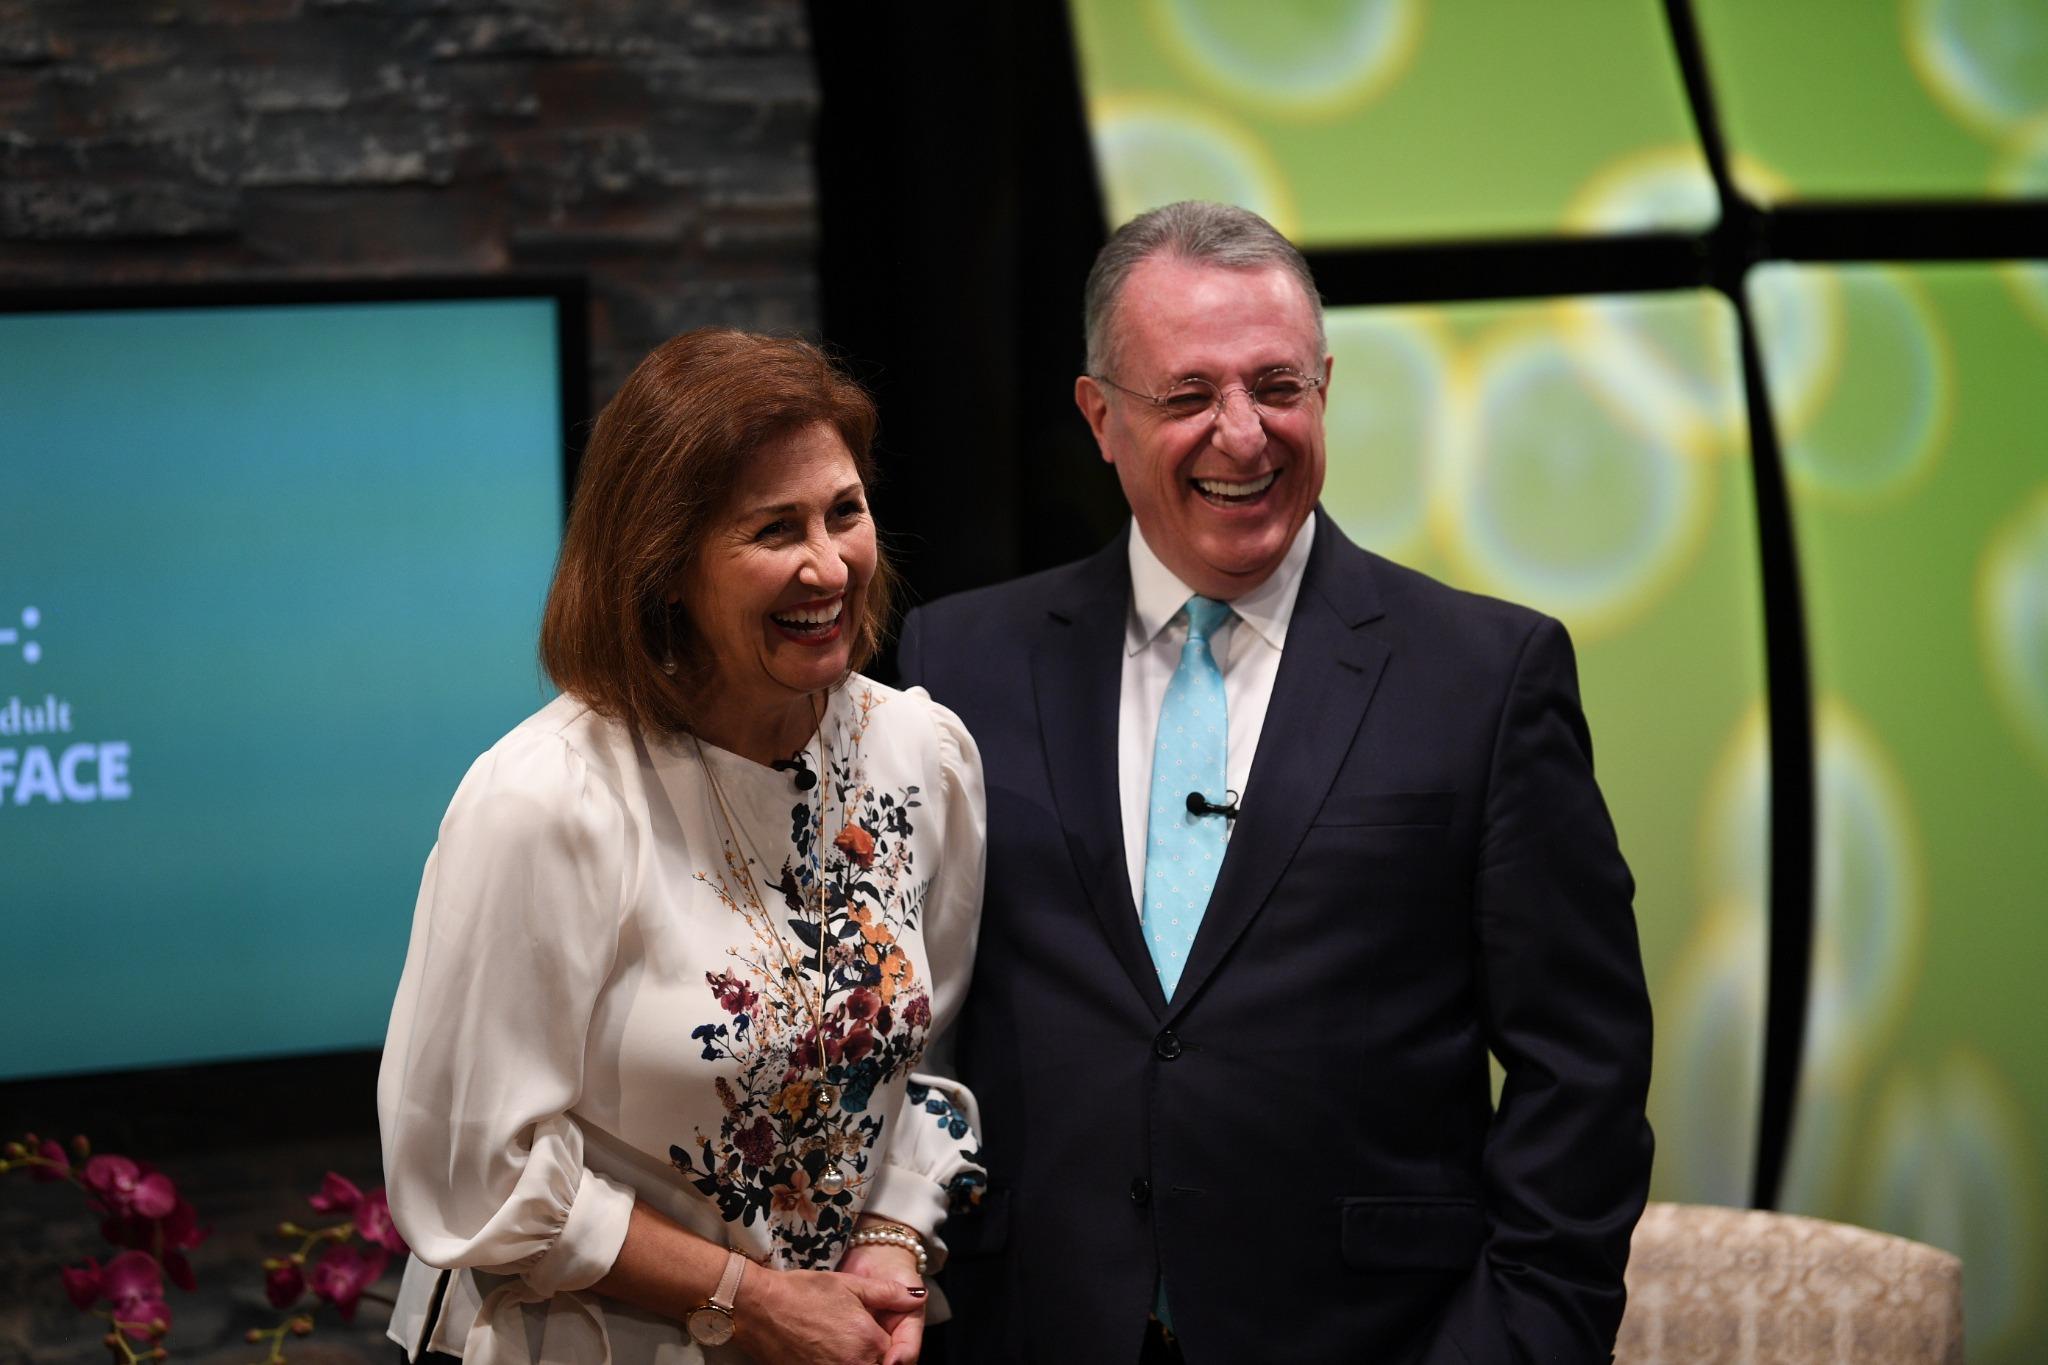 El élder Ulisses Soares, del Quórum de los Doce Apóstoles, presenta a su esposa, Rosana, a la audiencia de jóvenes adultos en el Devocional Mundial Cara a Cara, el domingo, 15 de septiembre de 2019.